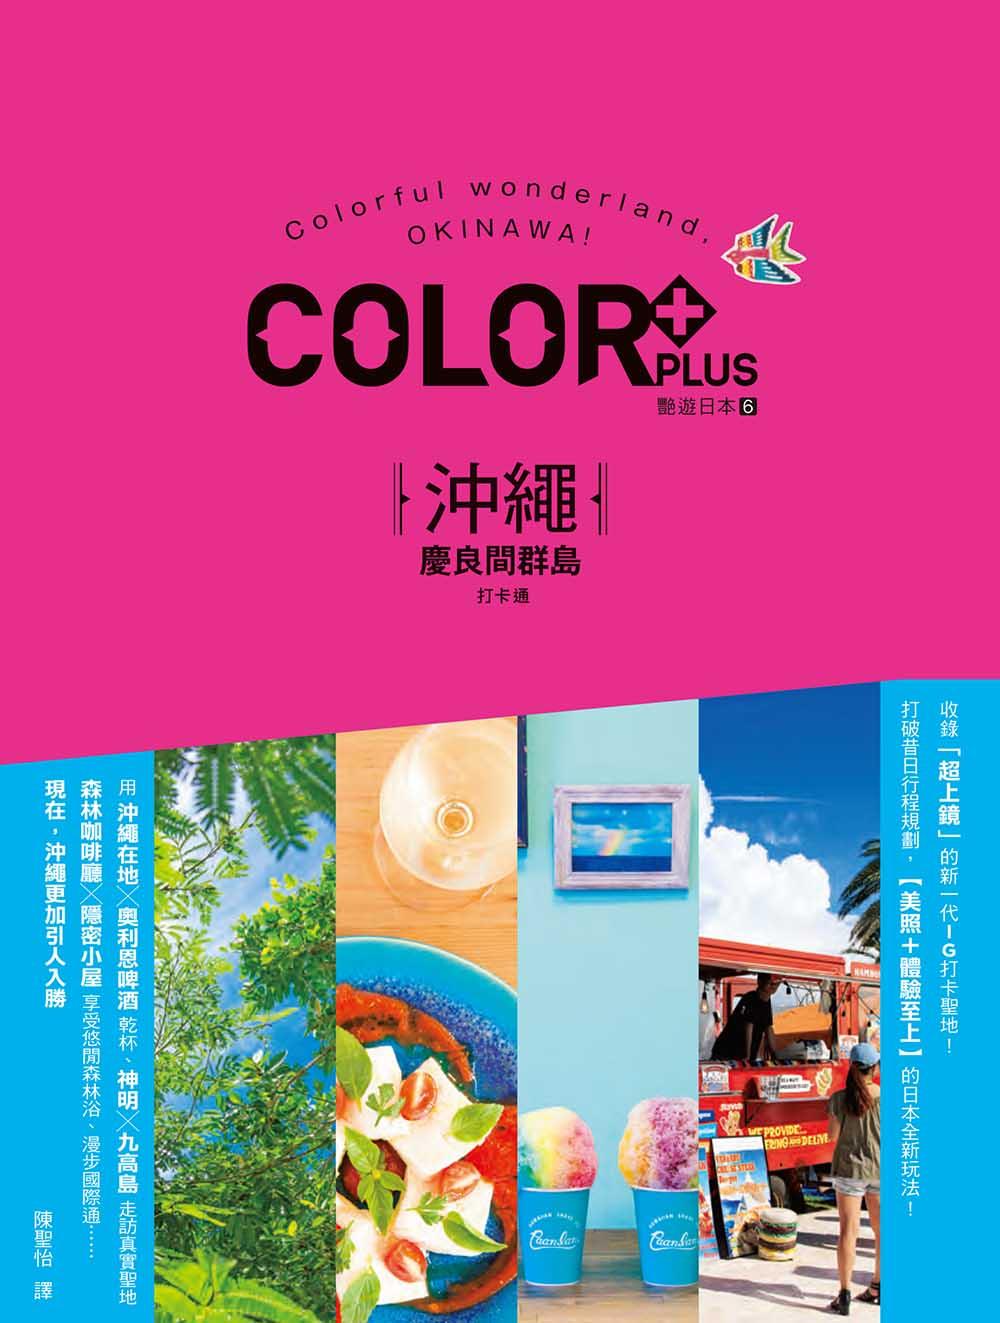 沖繩打卡通 艷遊日本6(電子書)